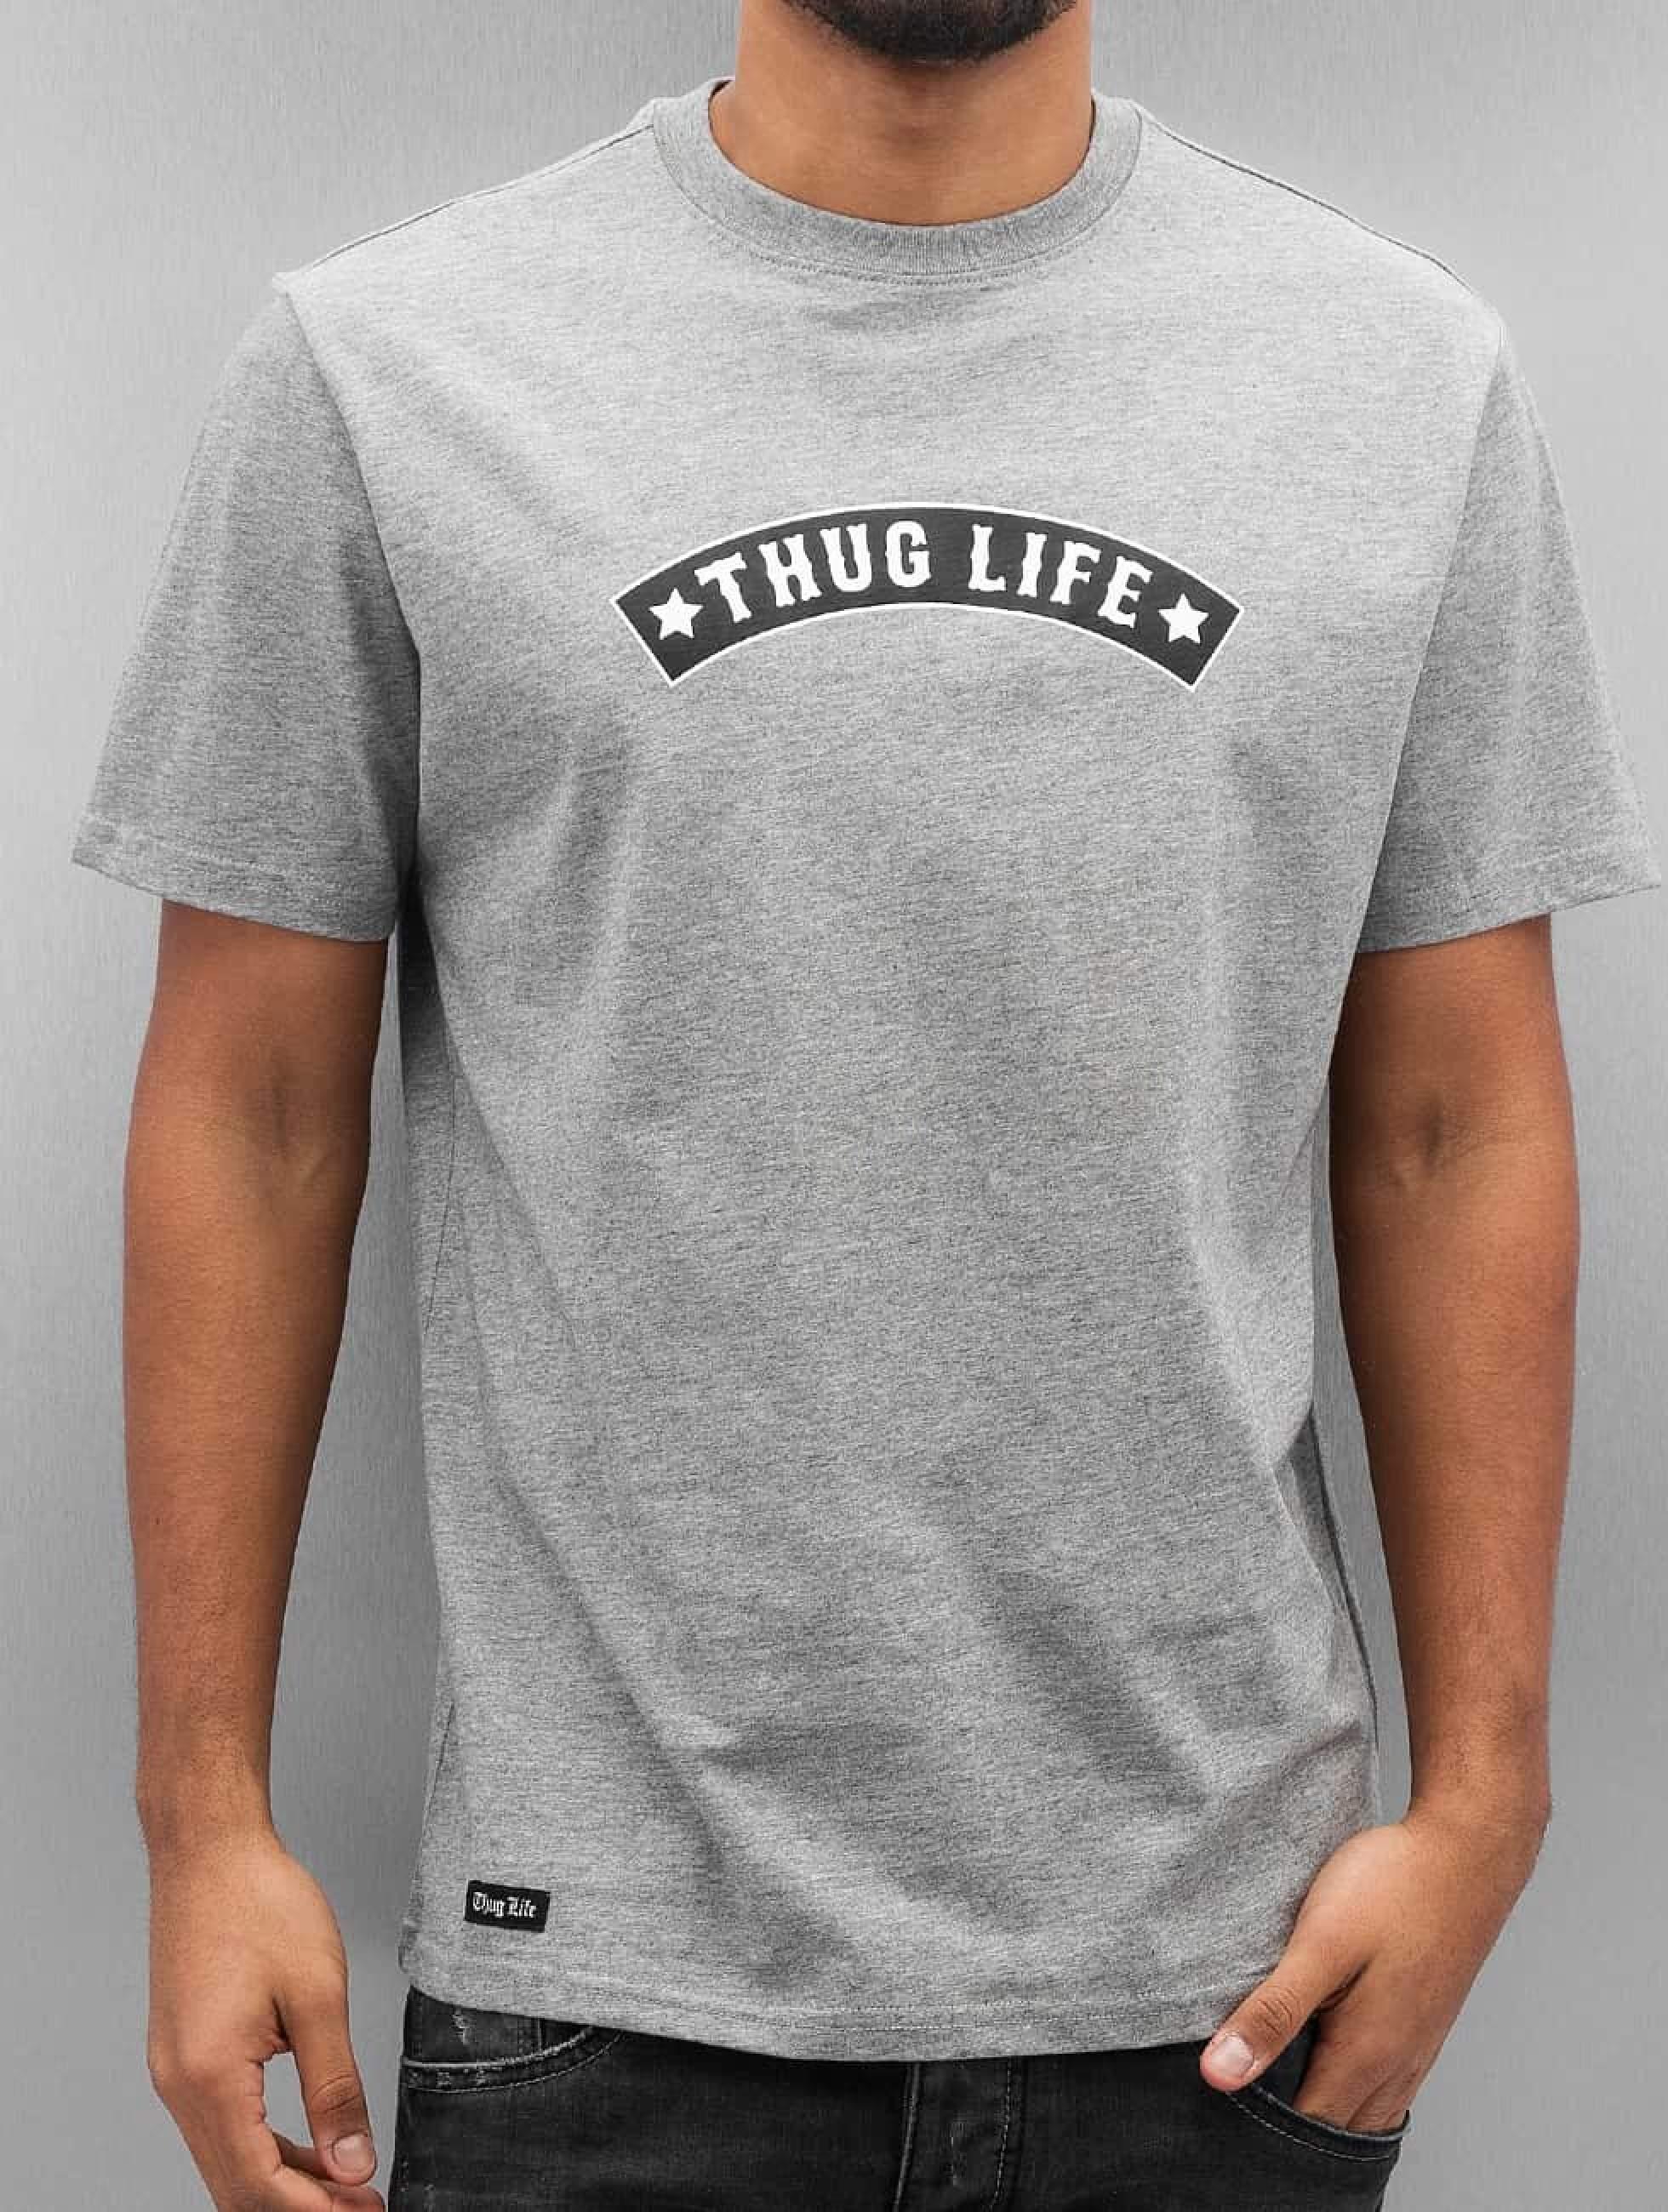 Thug Life / T-Shirt Richking in grey 3XL